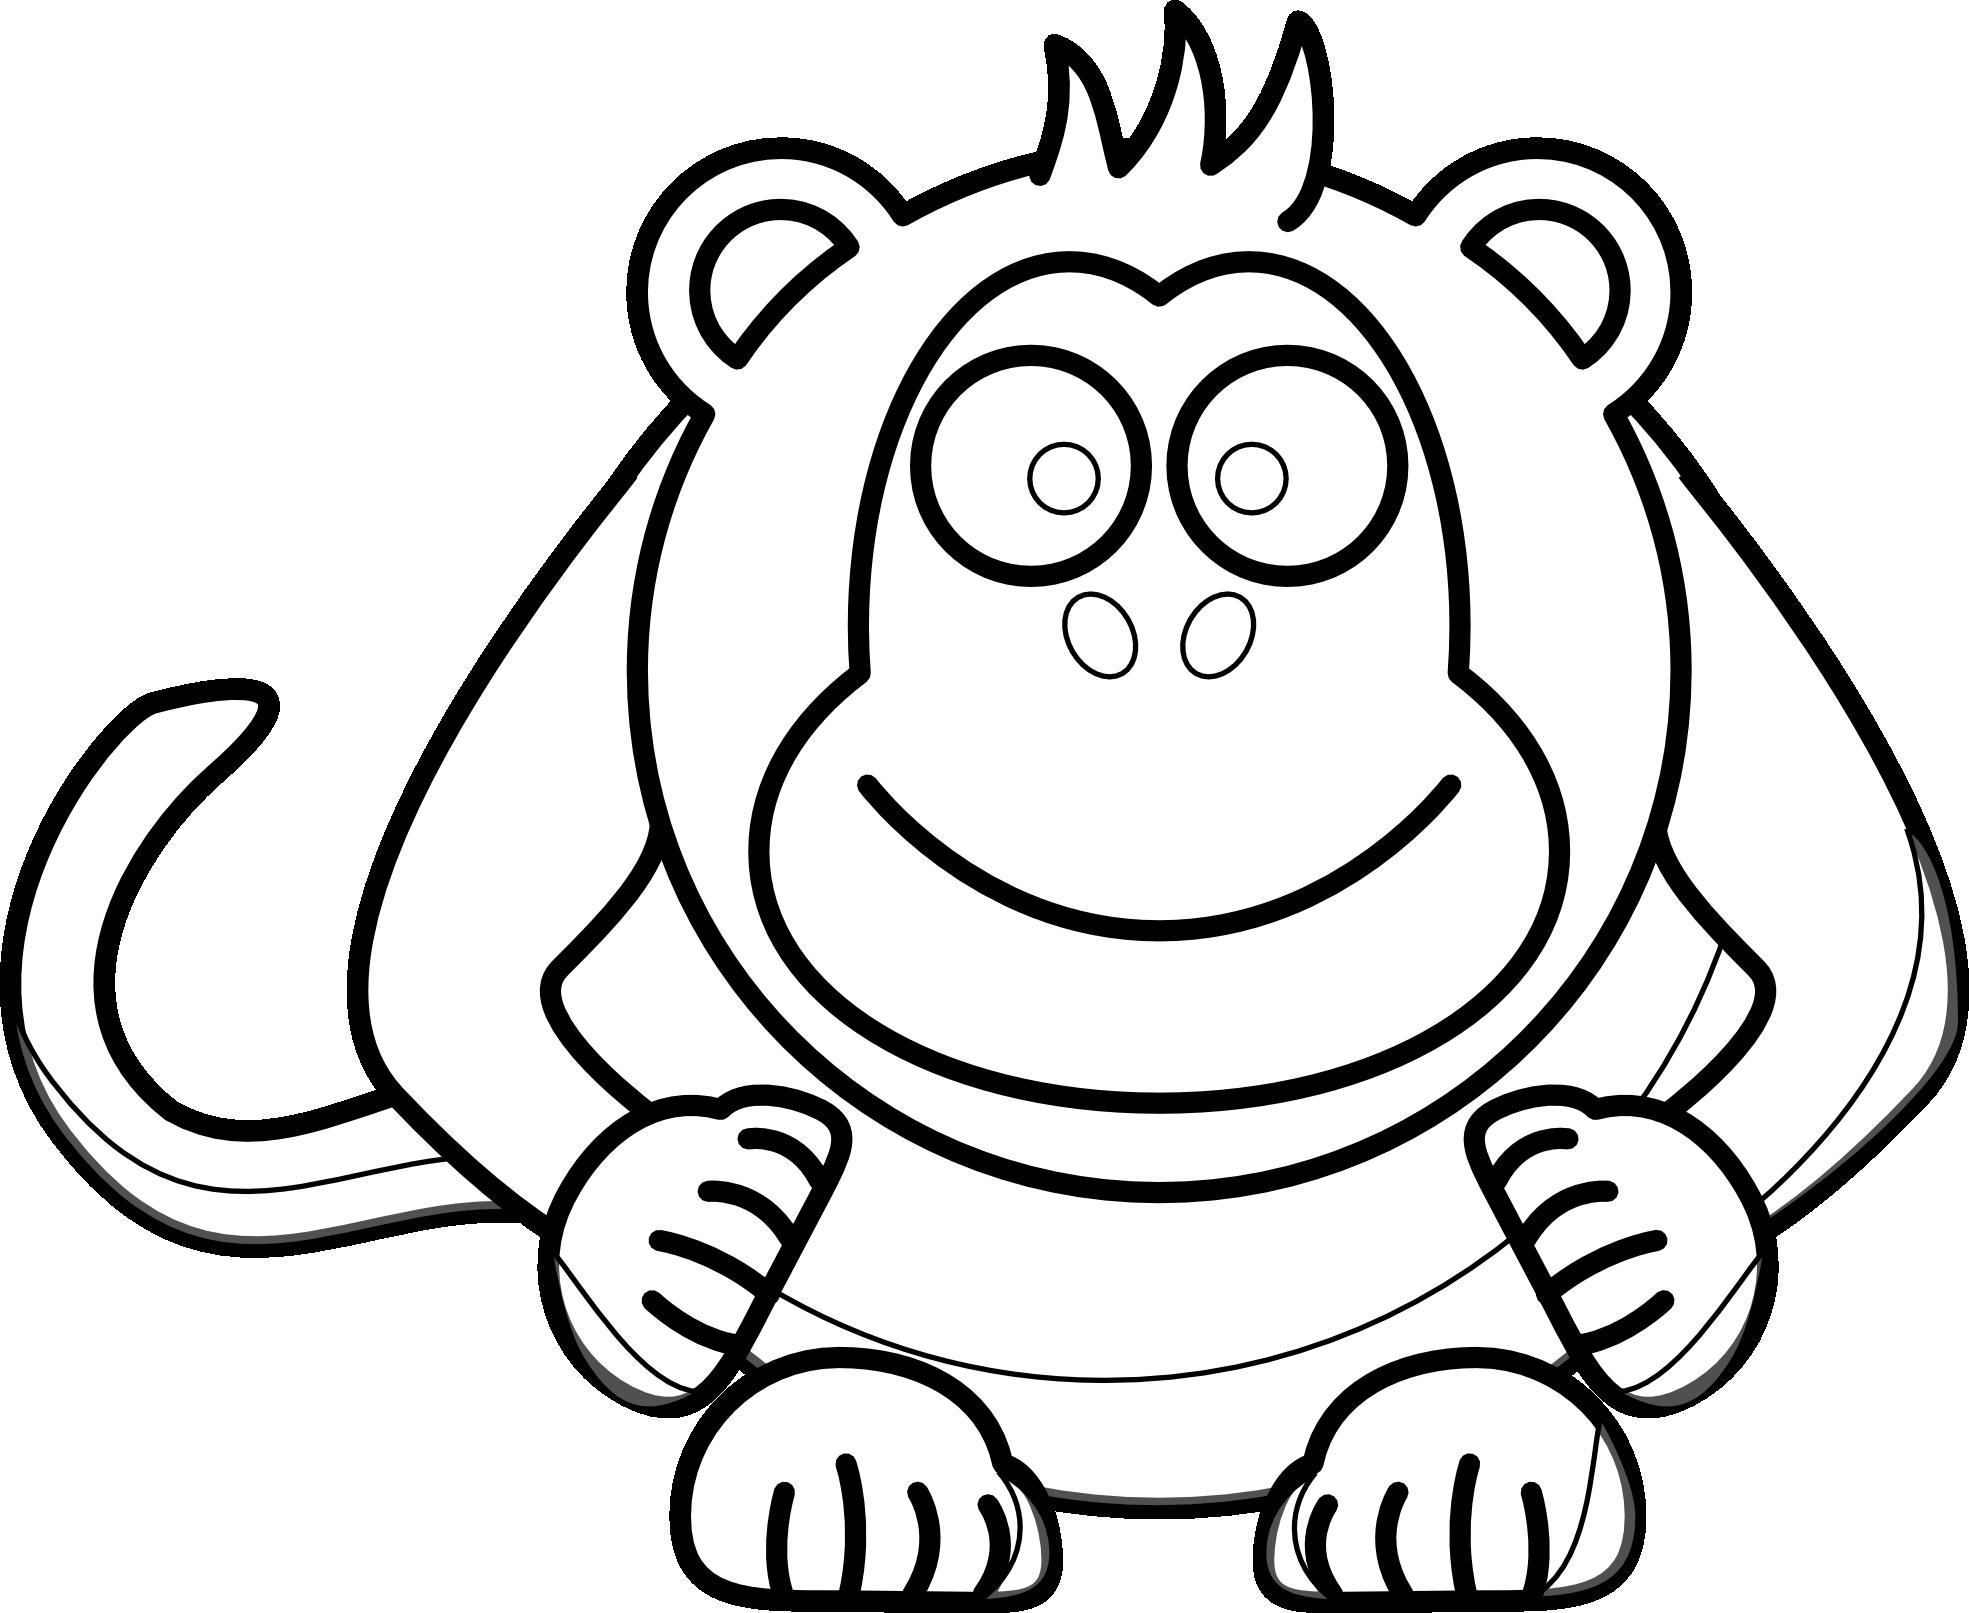 Monkey face monkey clip art images clipart